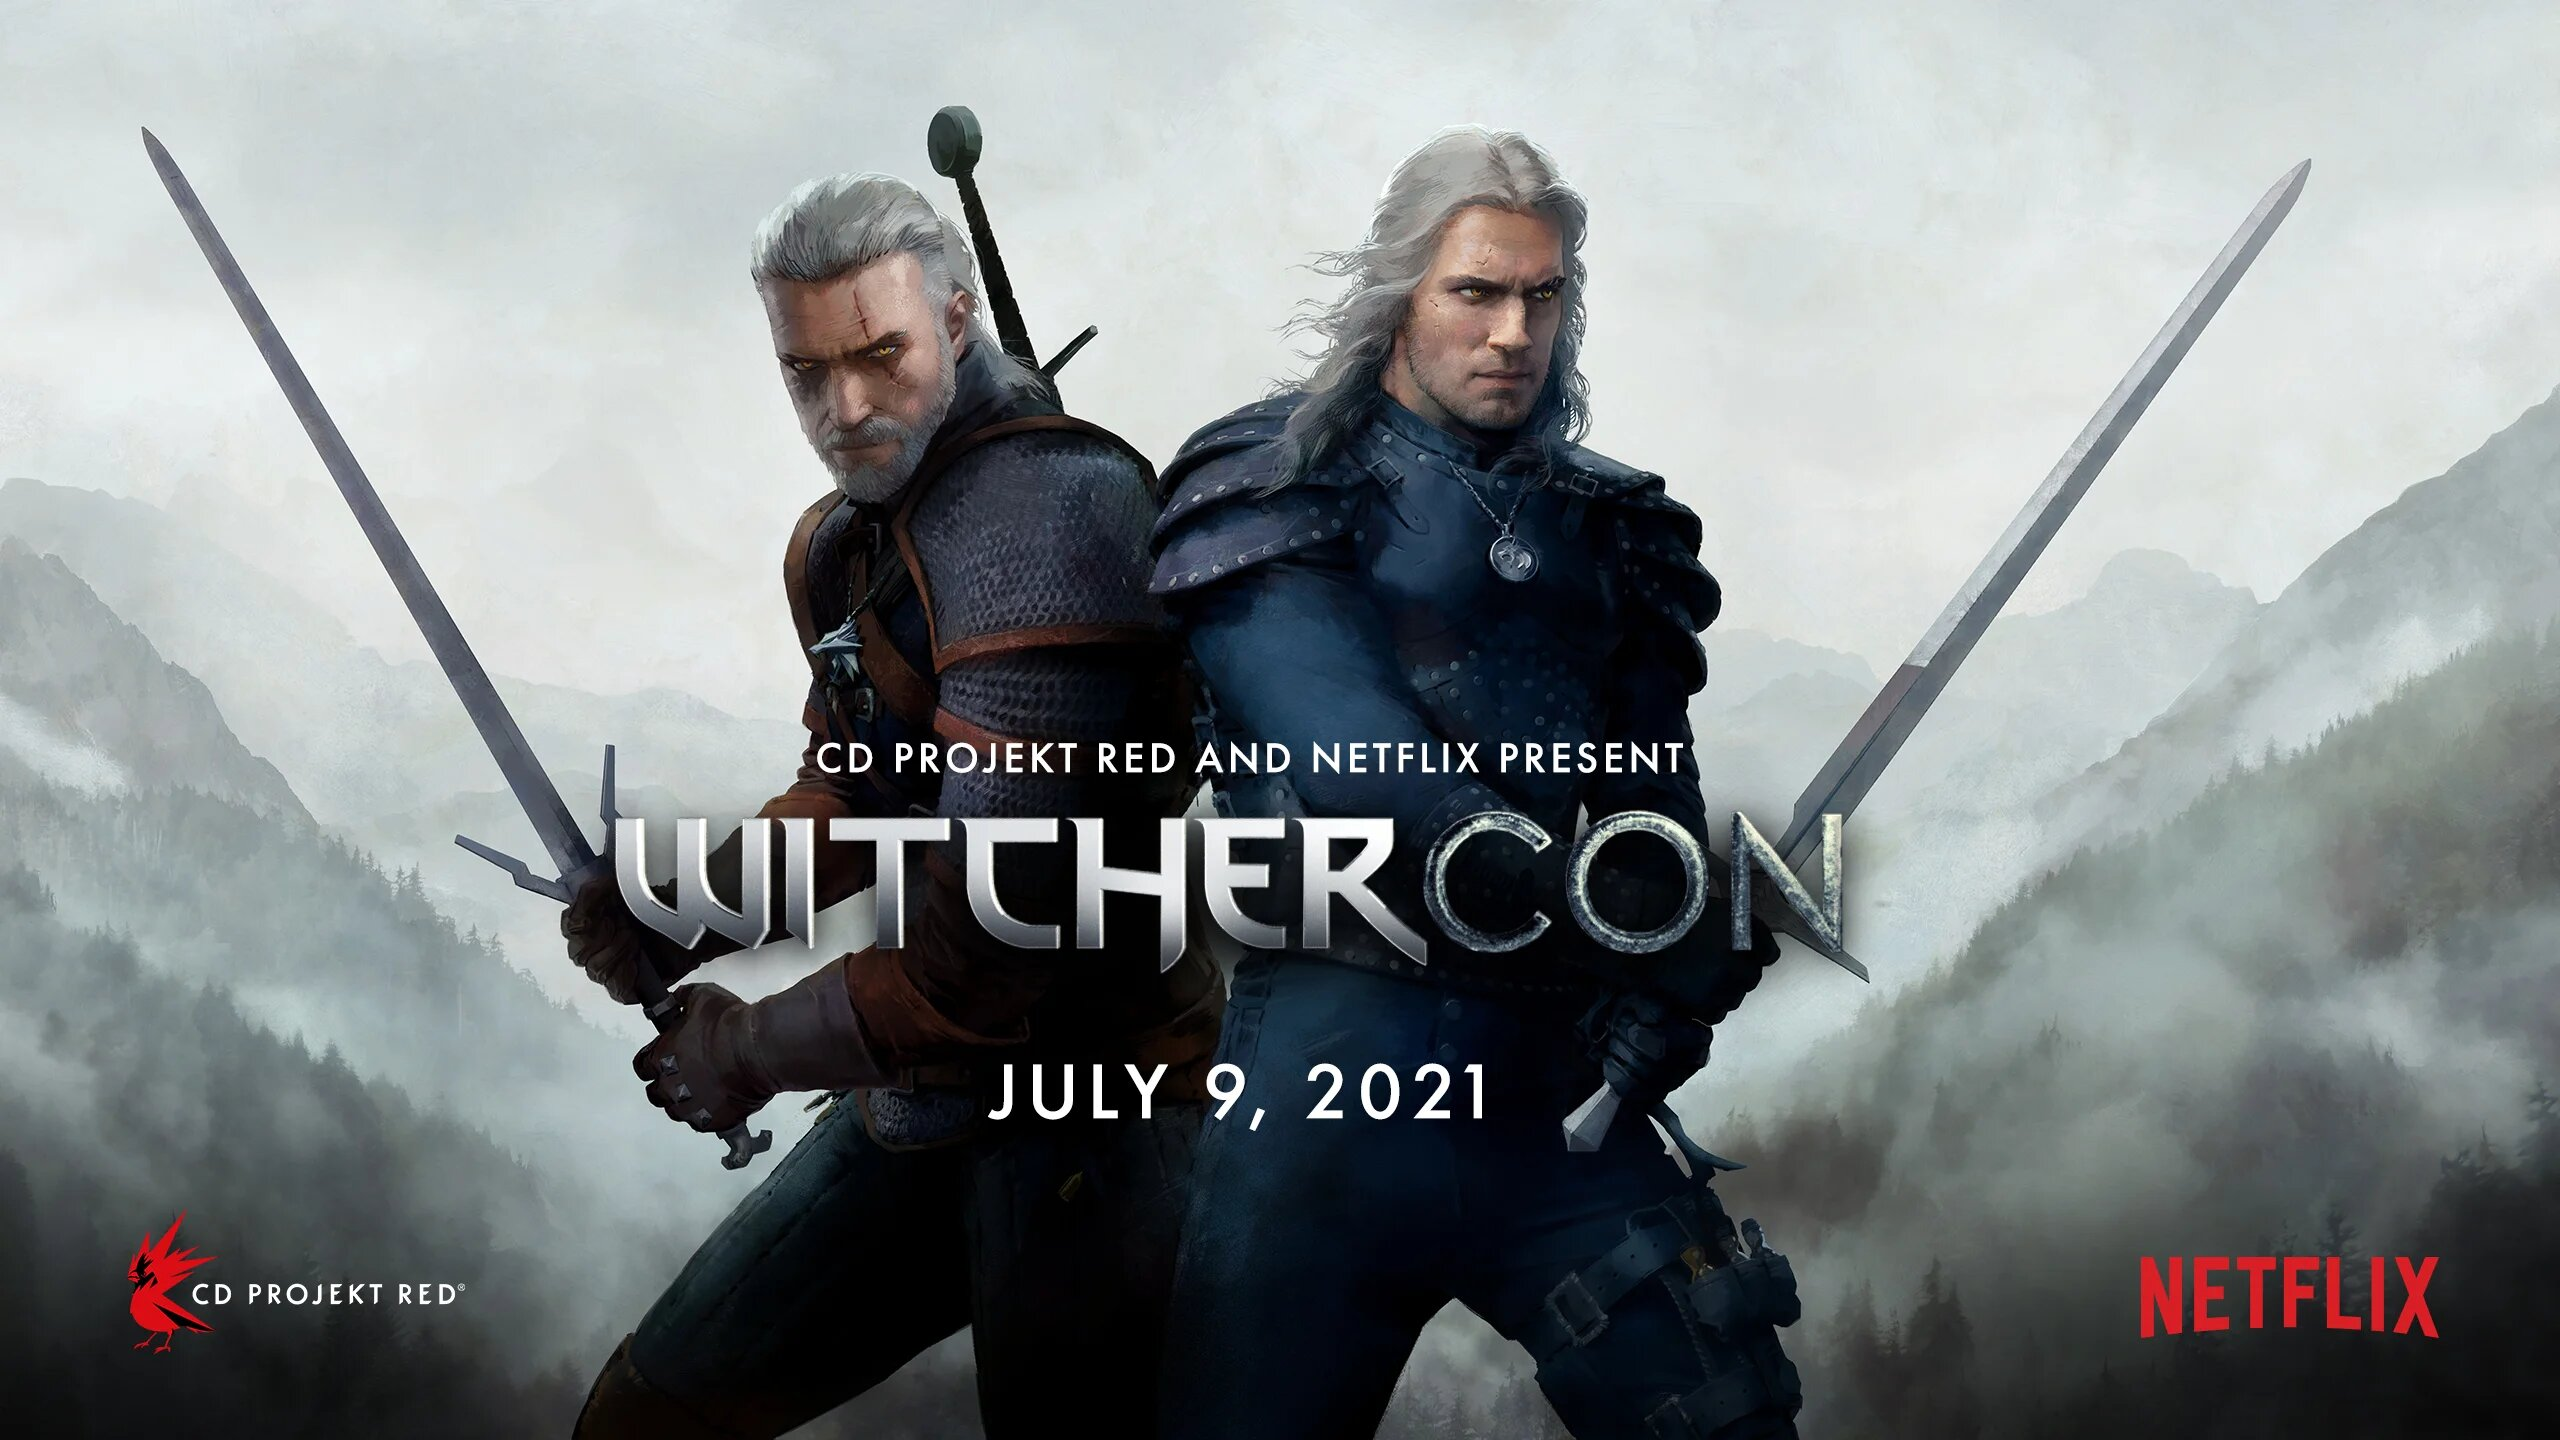 WitcherCon: Evento de Netflix con CDPR y clip de nueva temporada de The Witcher